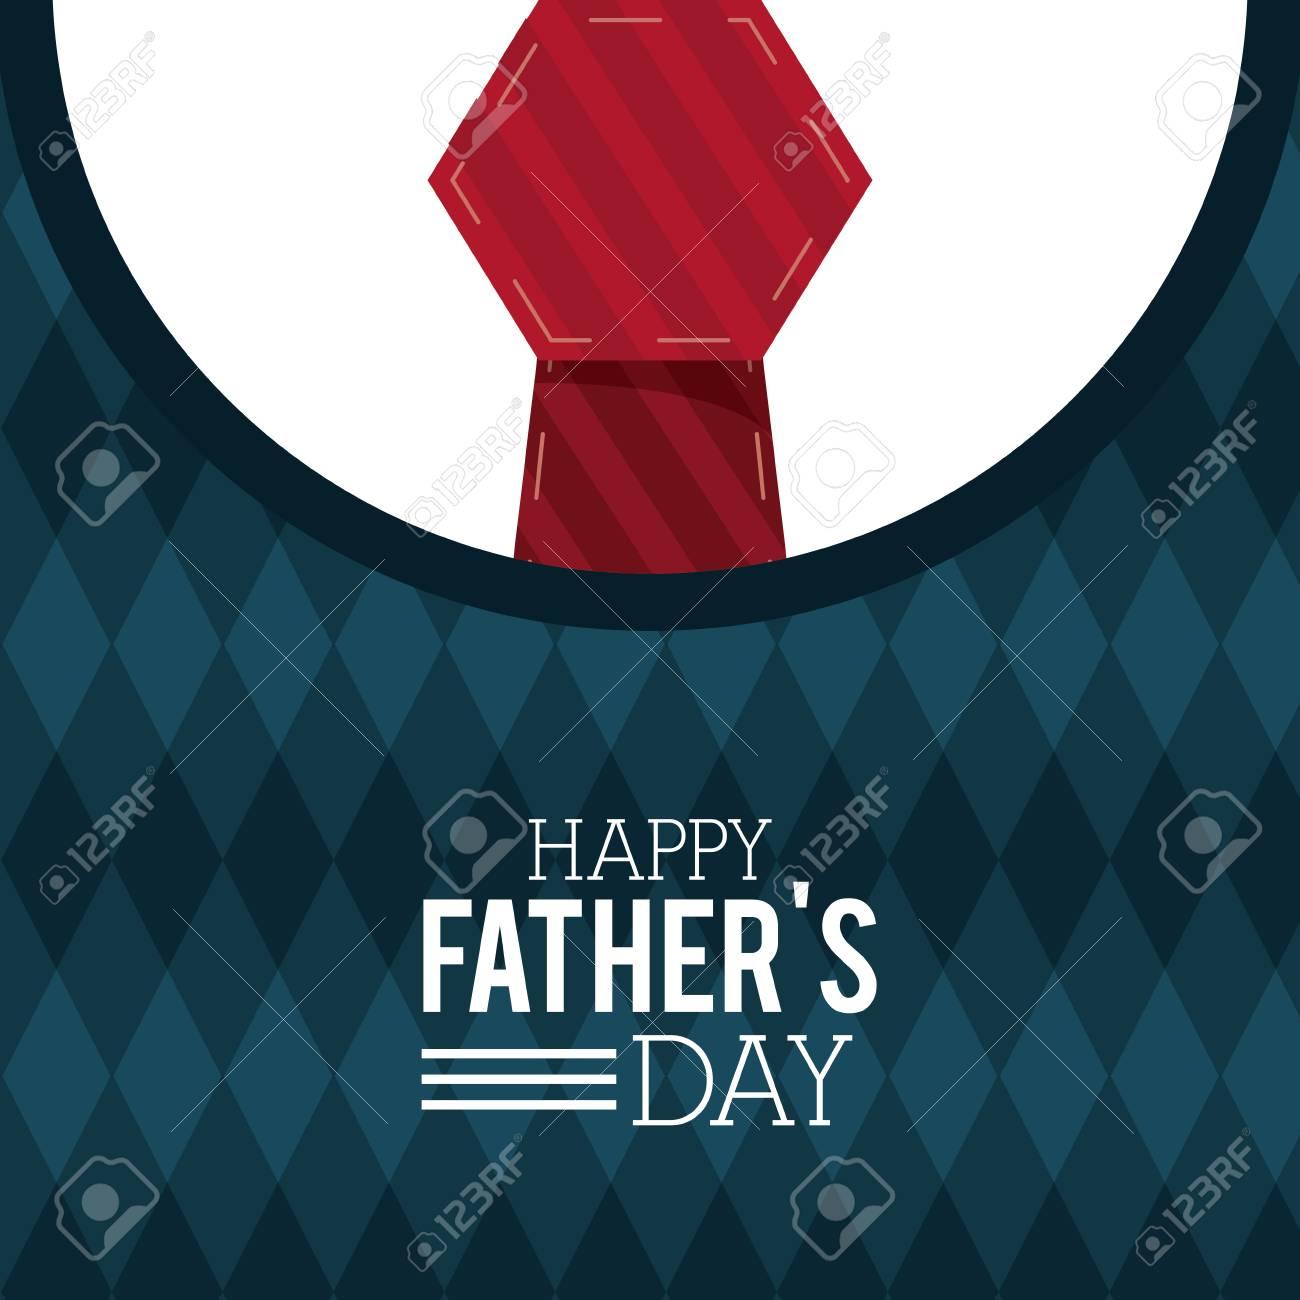 Feliz Día Del Padre Tarjeta De Felicitación Ilustración De Vector De Invitación De Decoración De Lazo Rojo Suéter De Letras